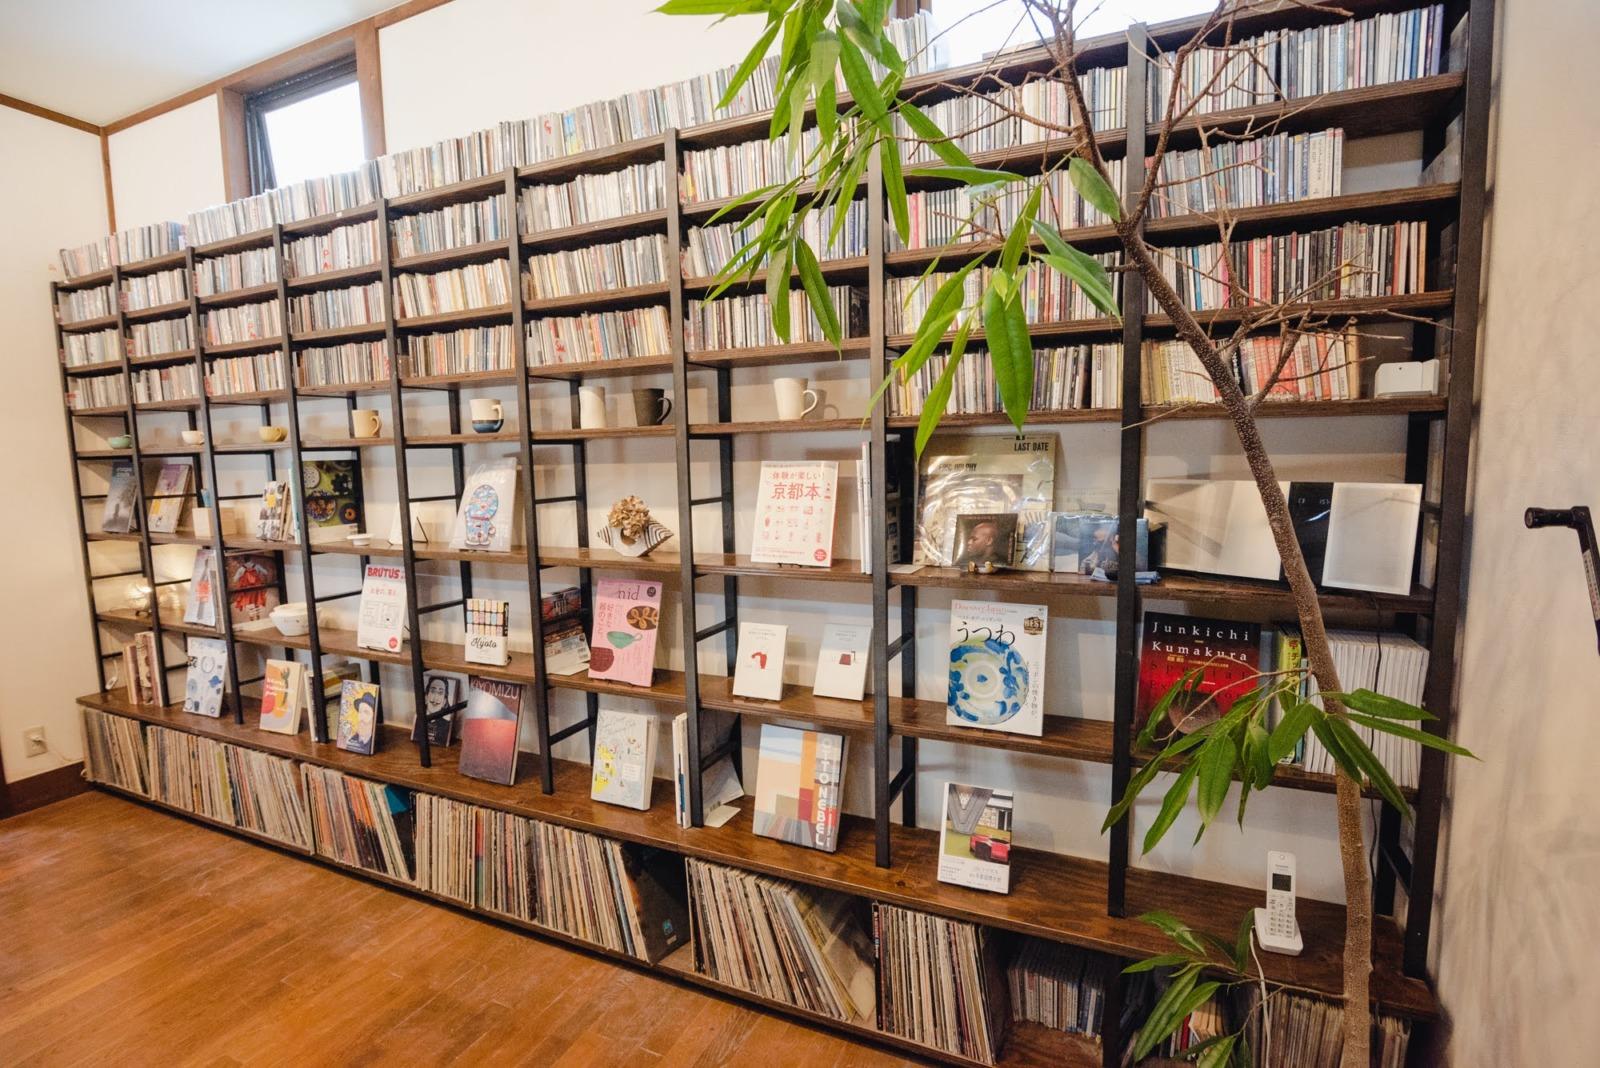 器と、JAZZと、多彩なジャンルの本。''HOTOKI''がさりげなく宿る本棚